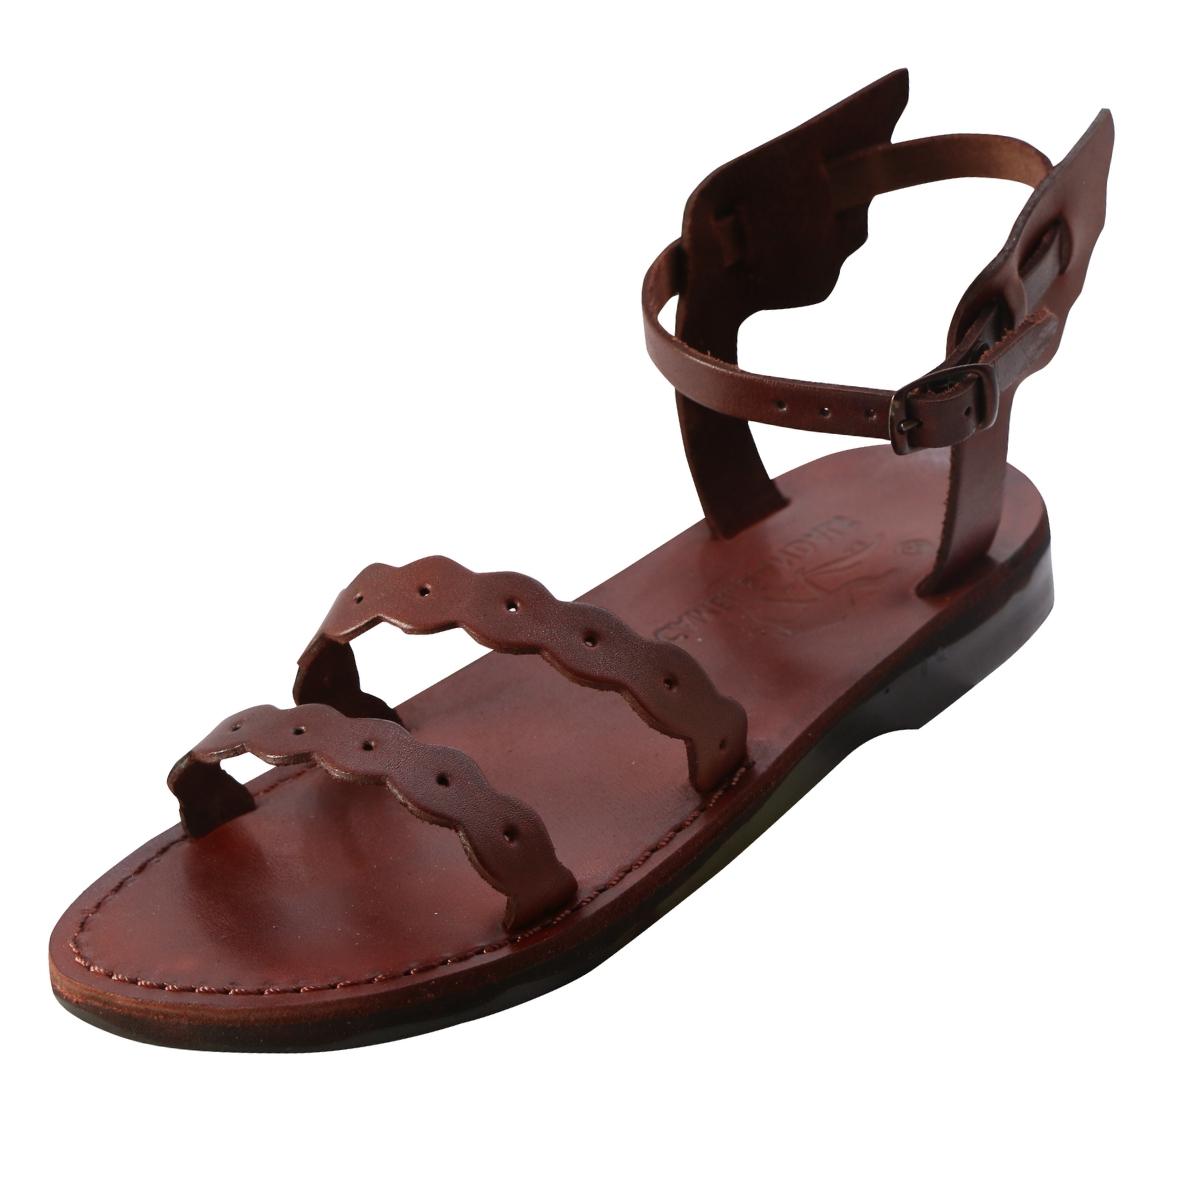 40fbbc7b9 Buy Hermes Wings Handmade Leather Sandals - Ella